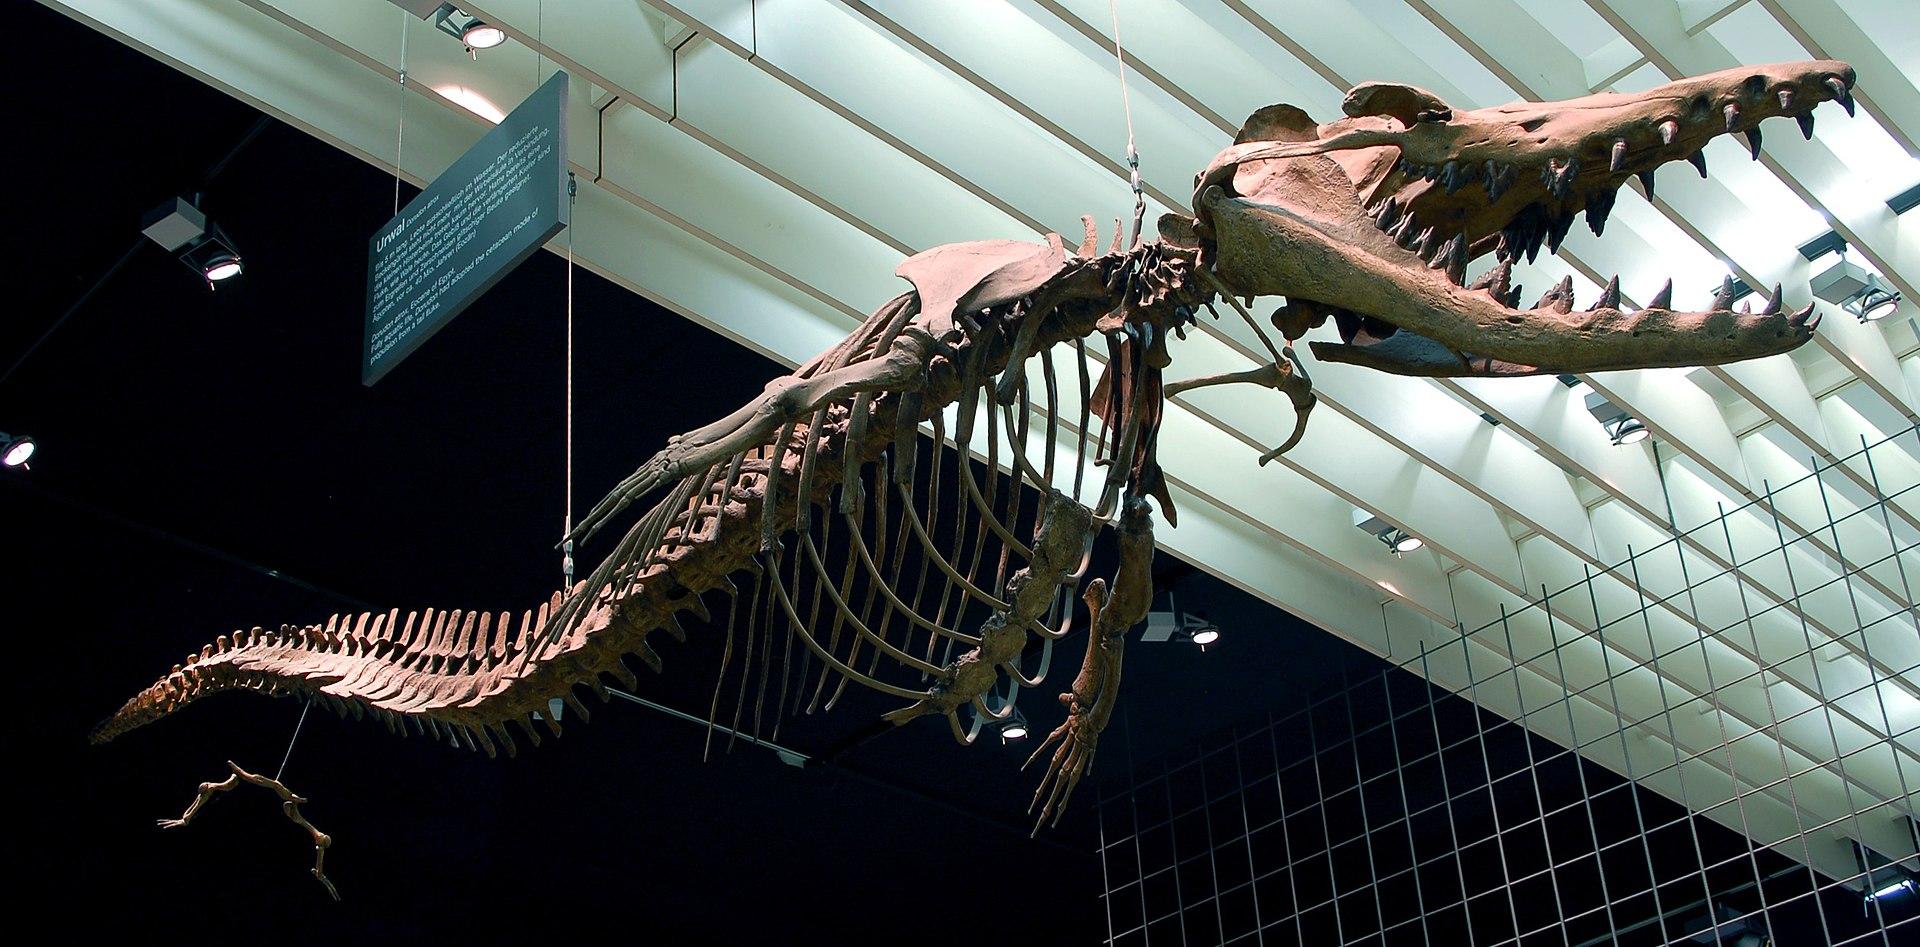 Dorudon atrox, Skelettrekonstruktion im Naturmuseum Senckenberg in Frankfurt am Main.